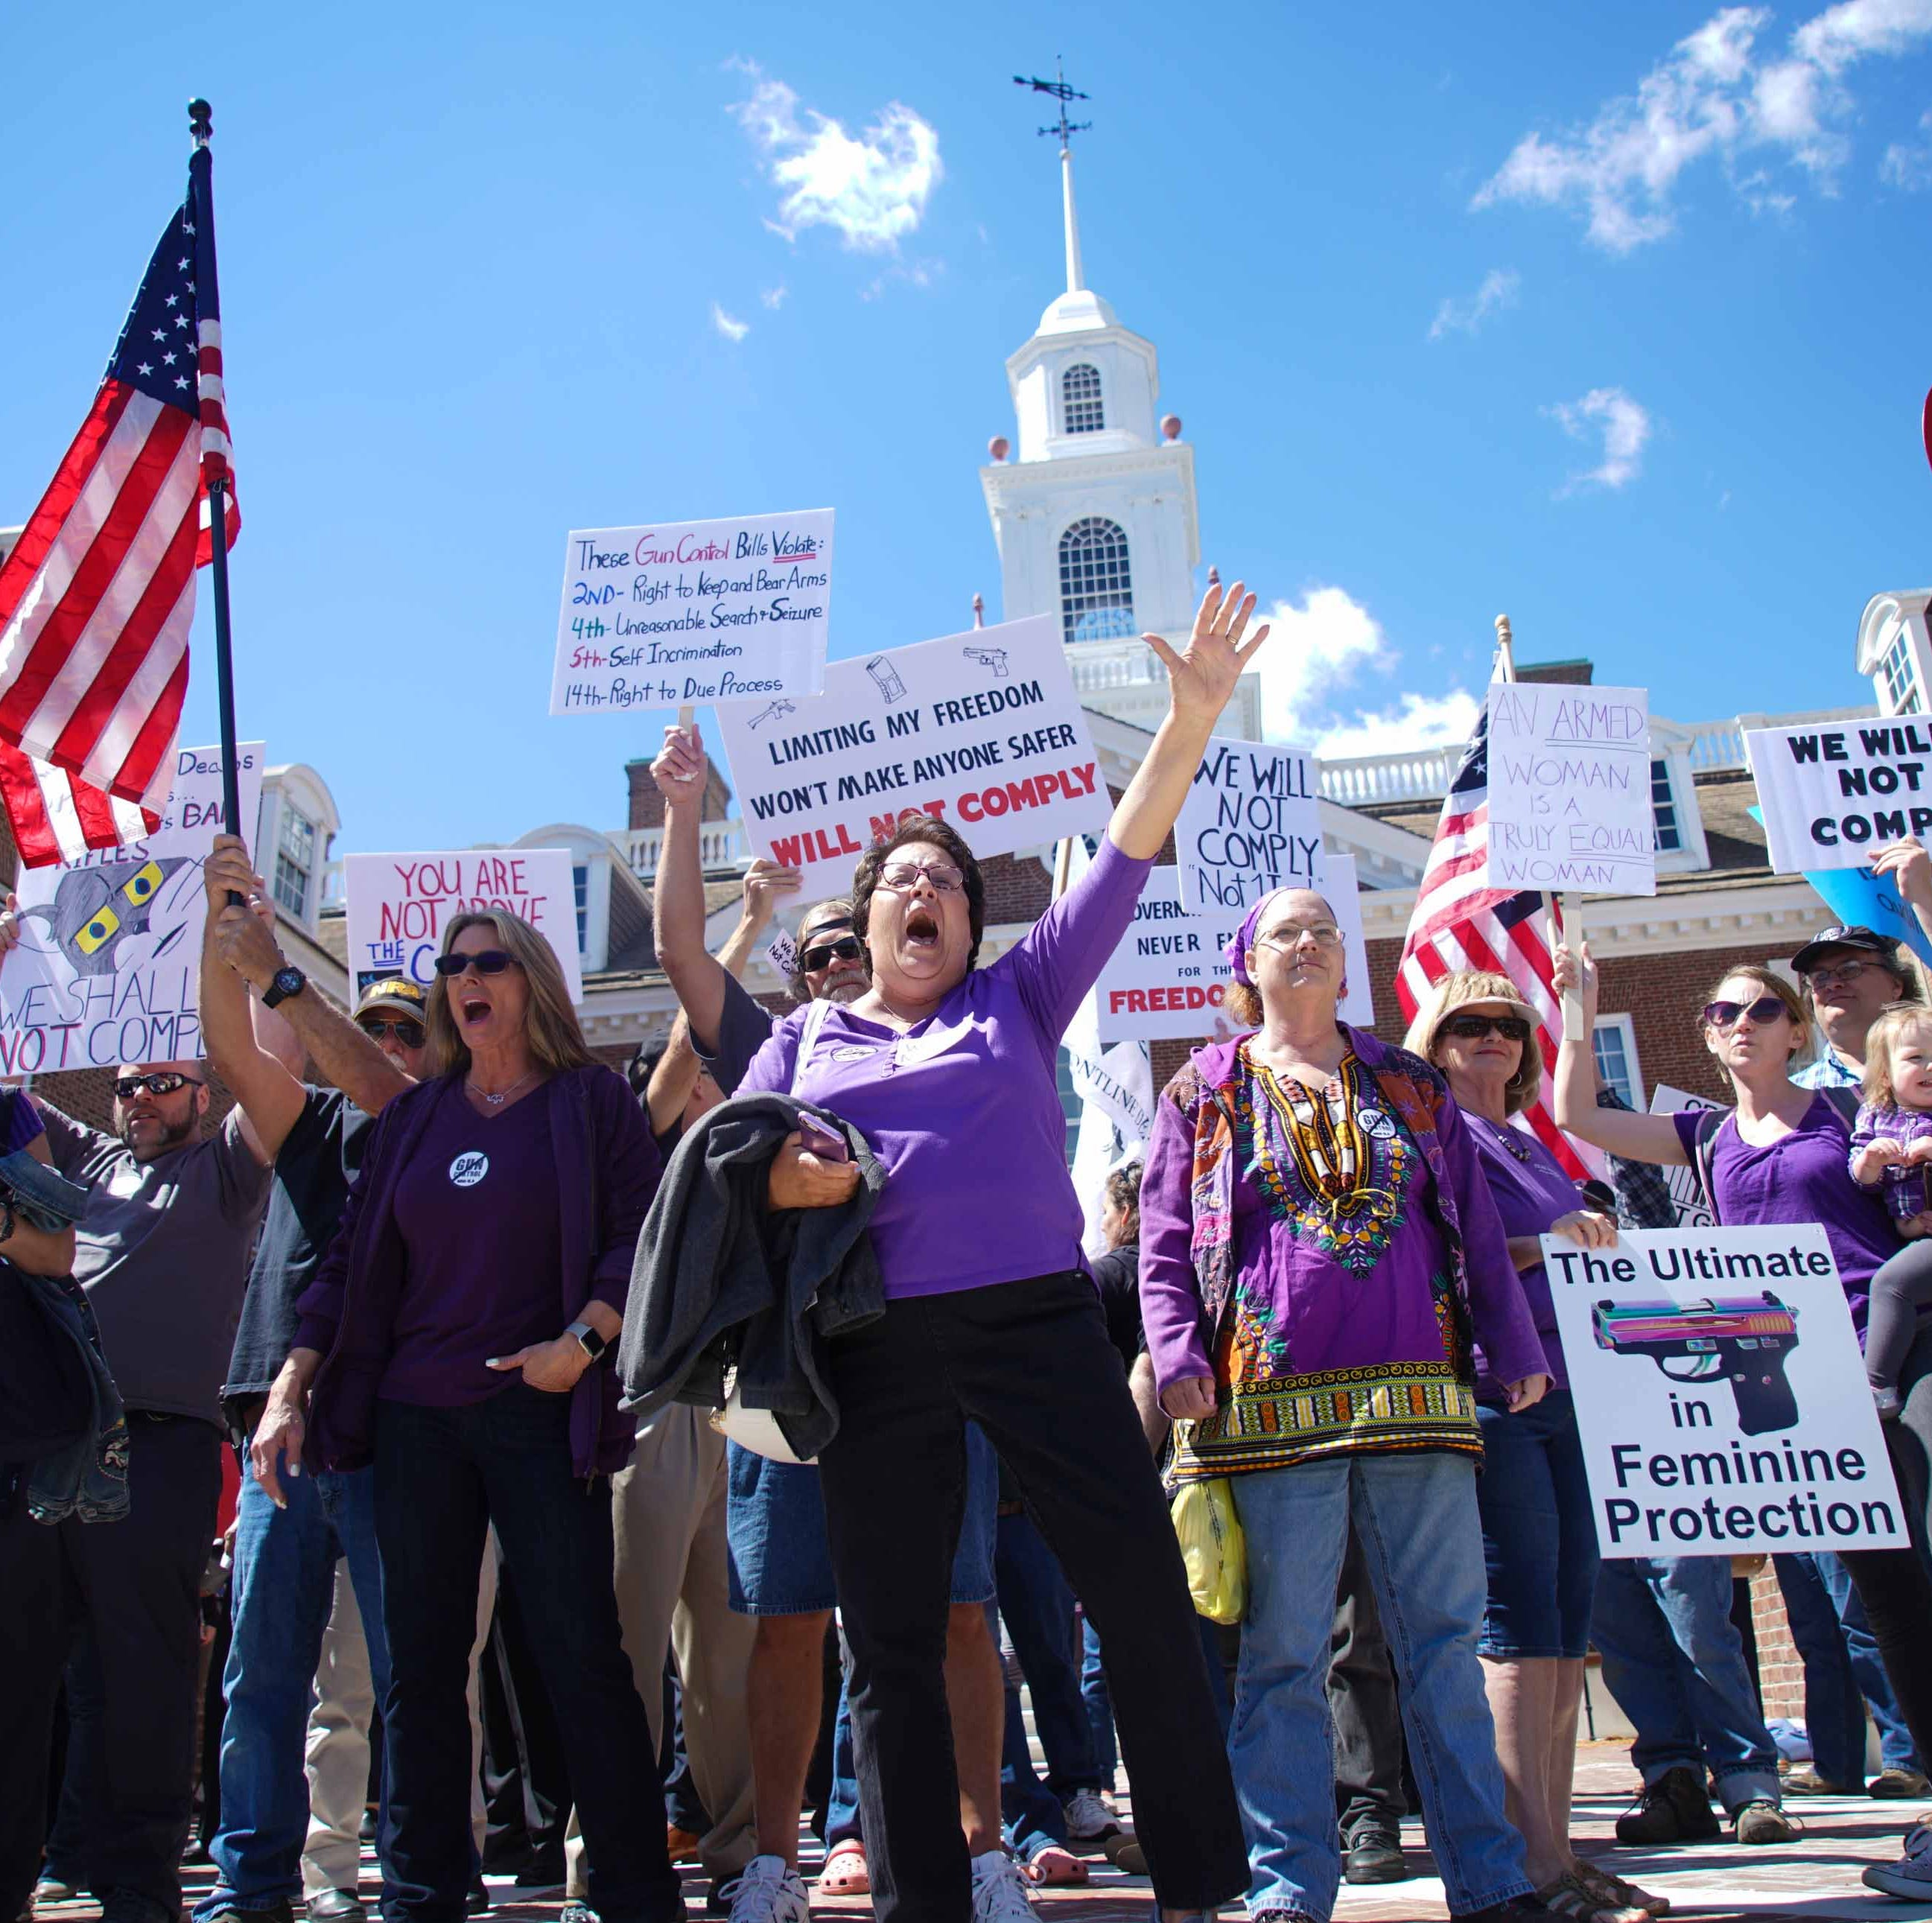 Protesters swarm gun control rally as Democrats propose tougher gun laws